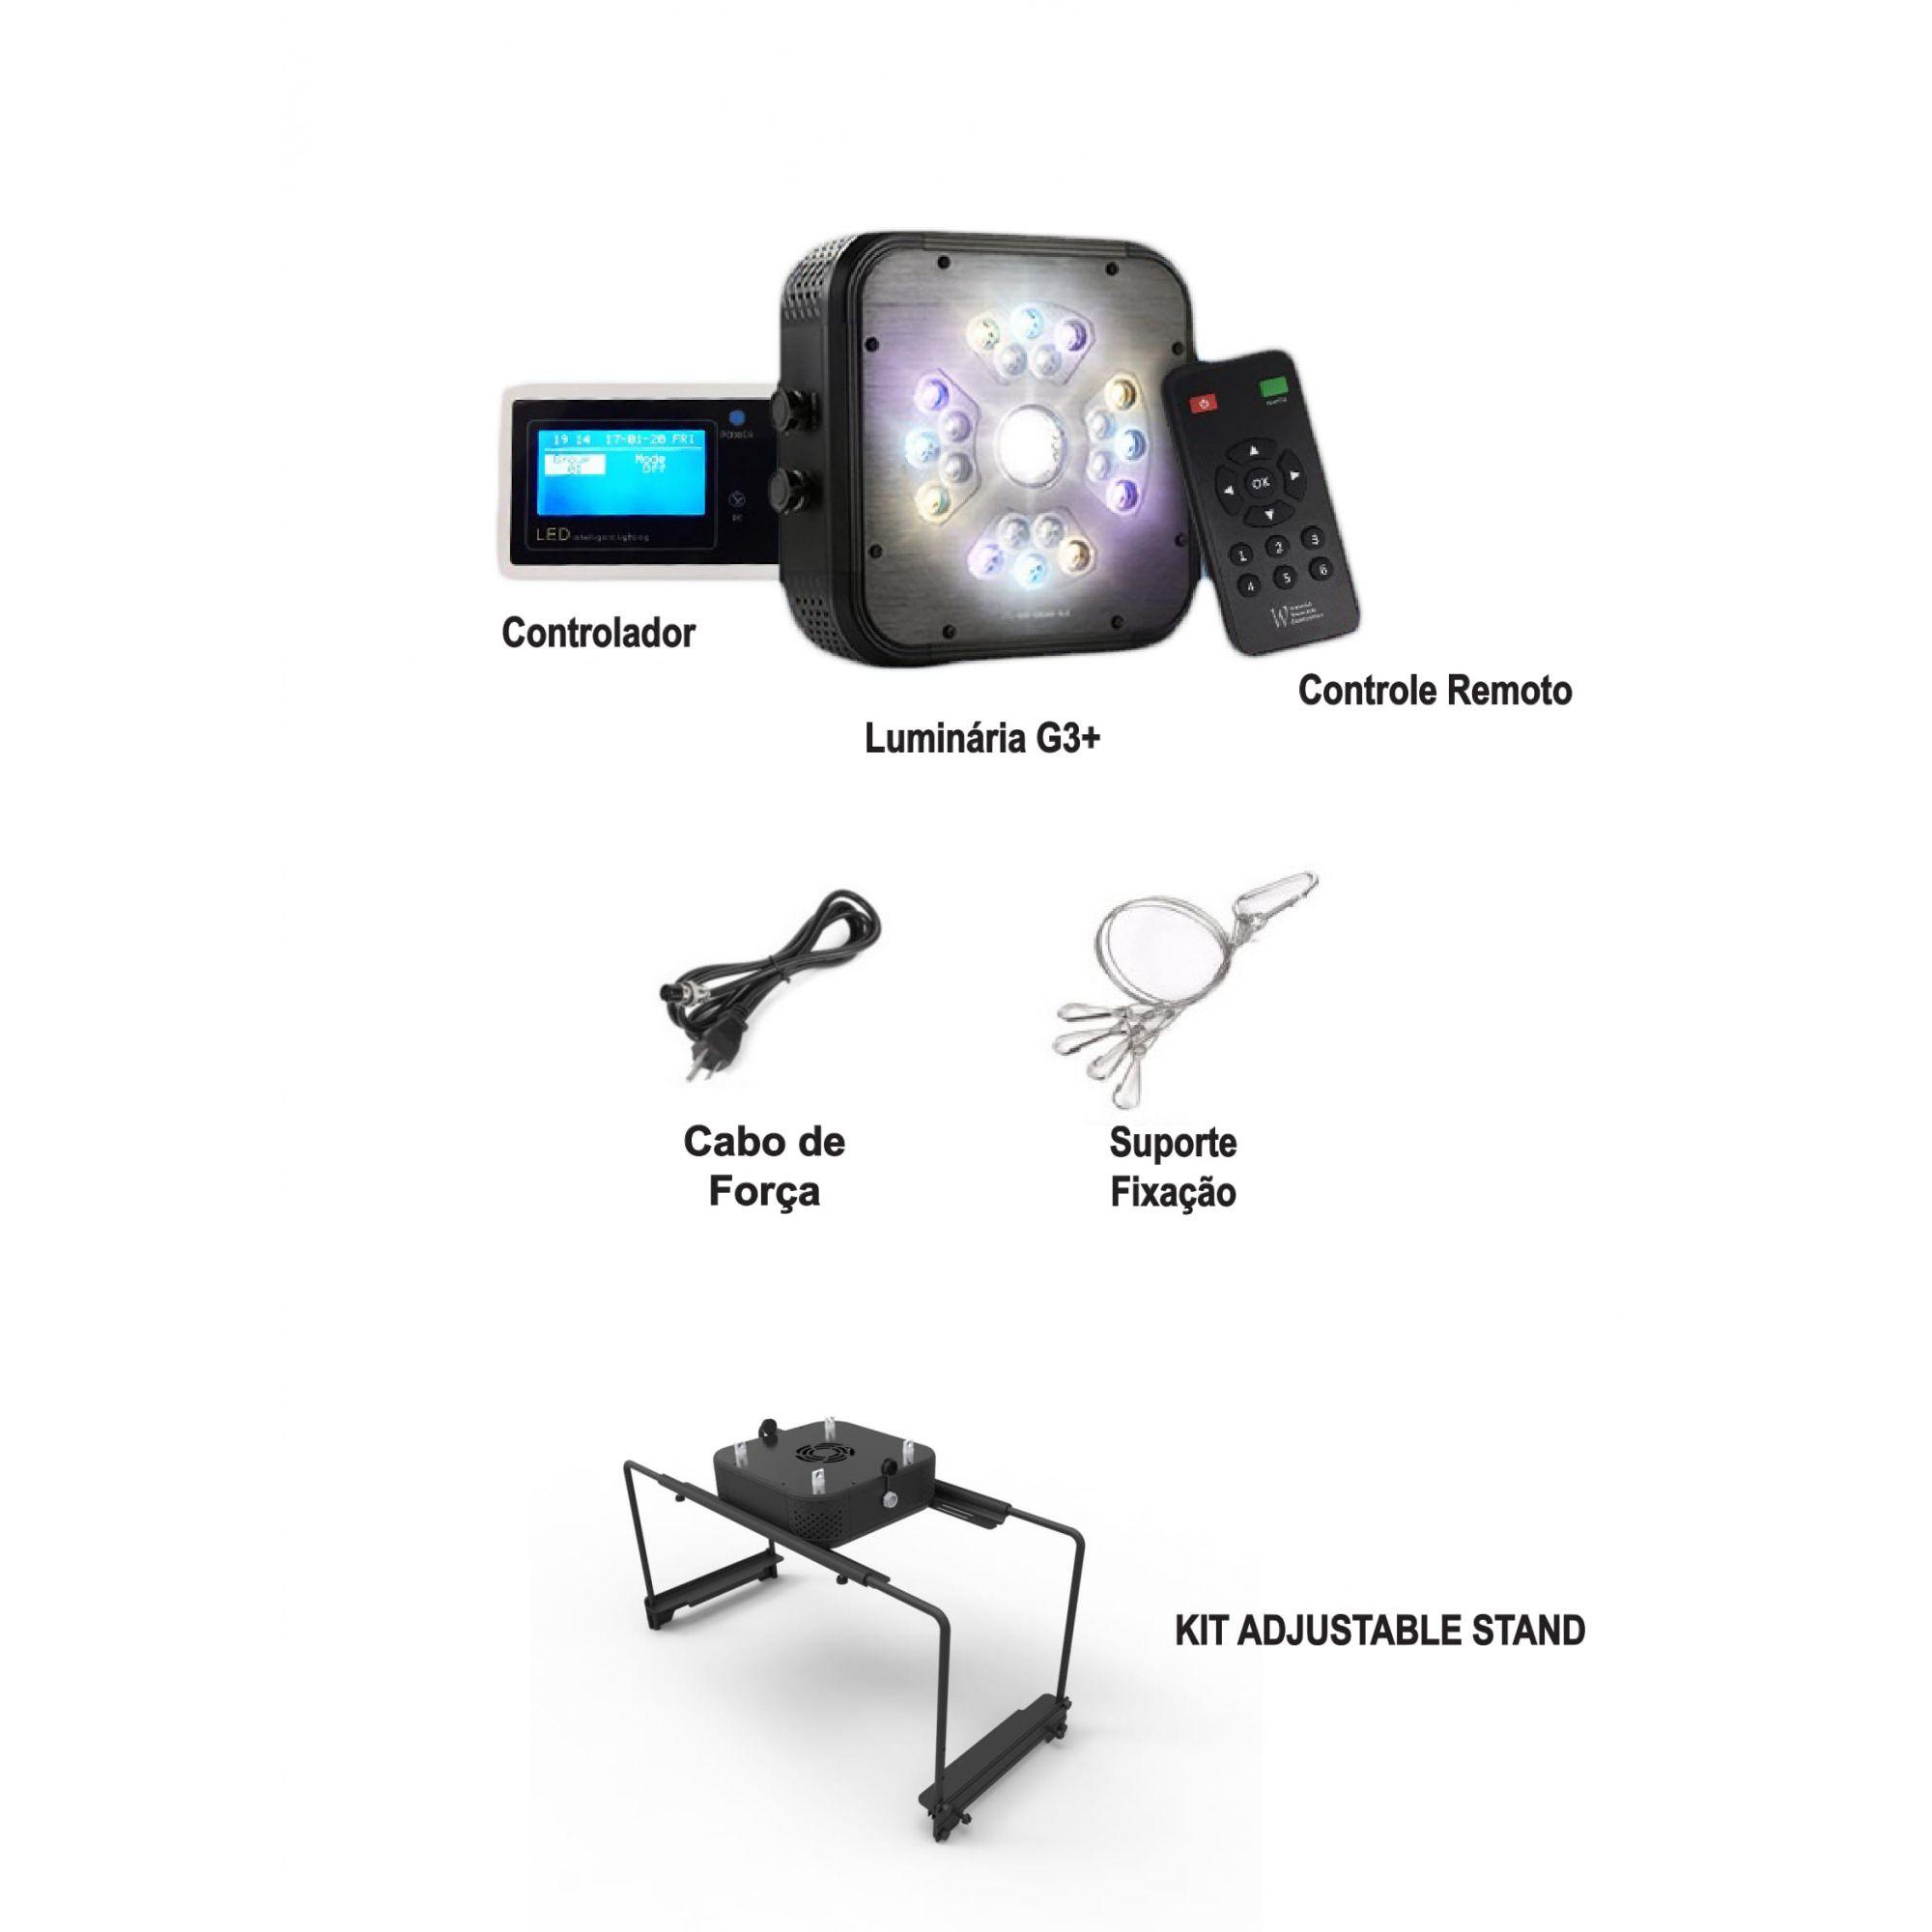 Luminária + Controlador + Suporte Ajustavel Ctlite G3 90w